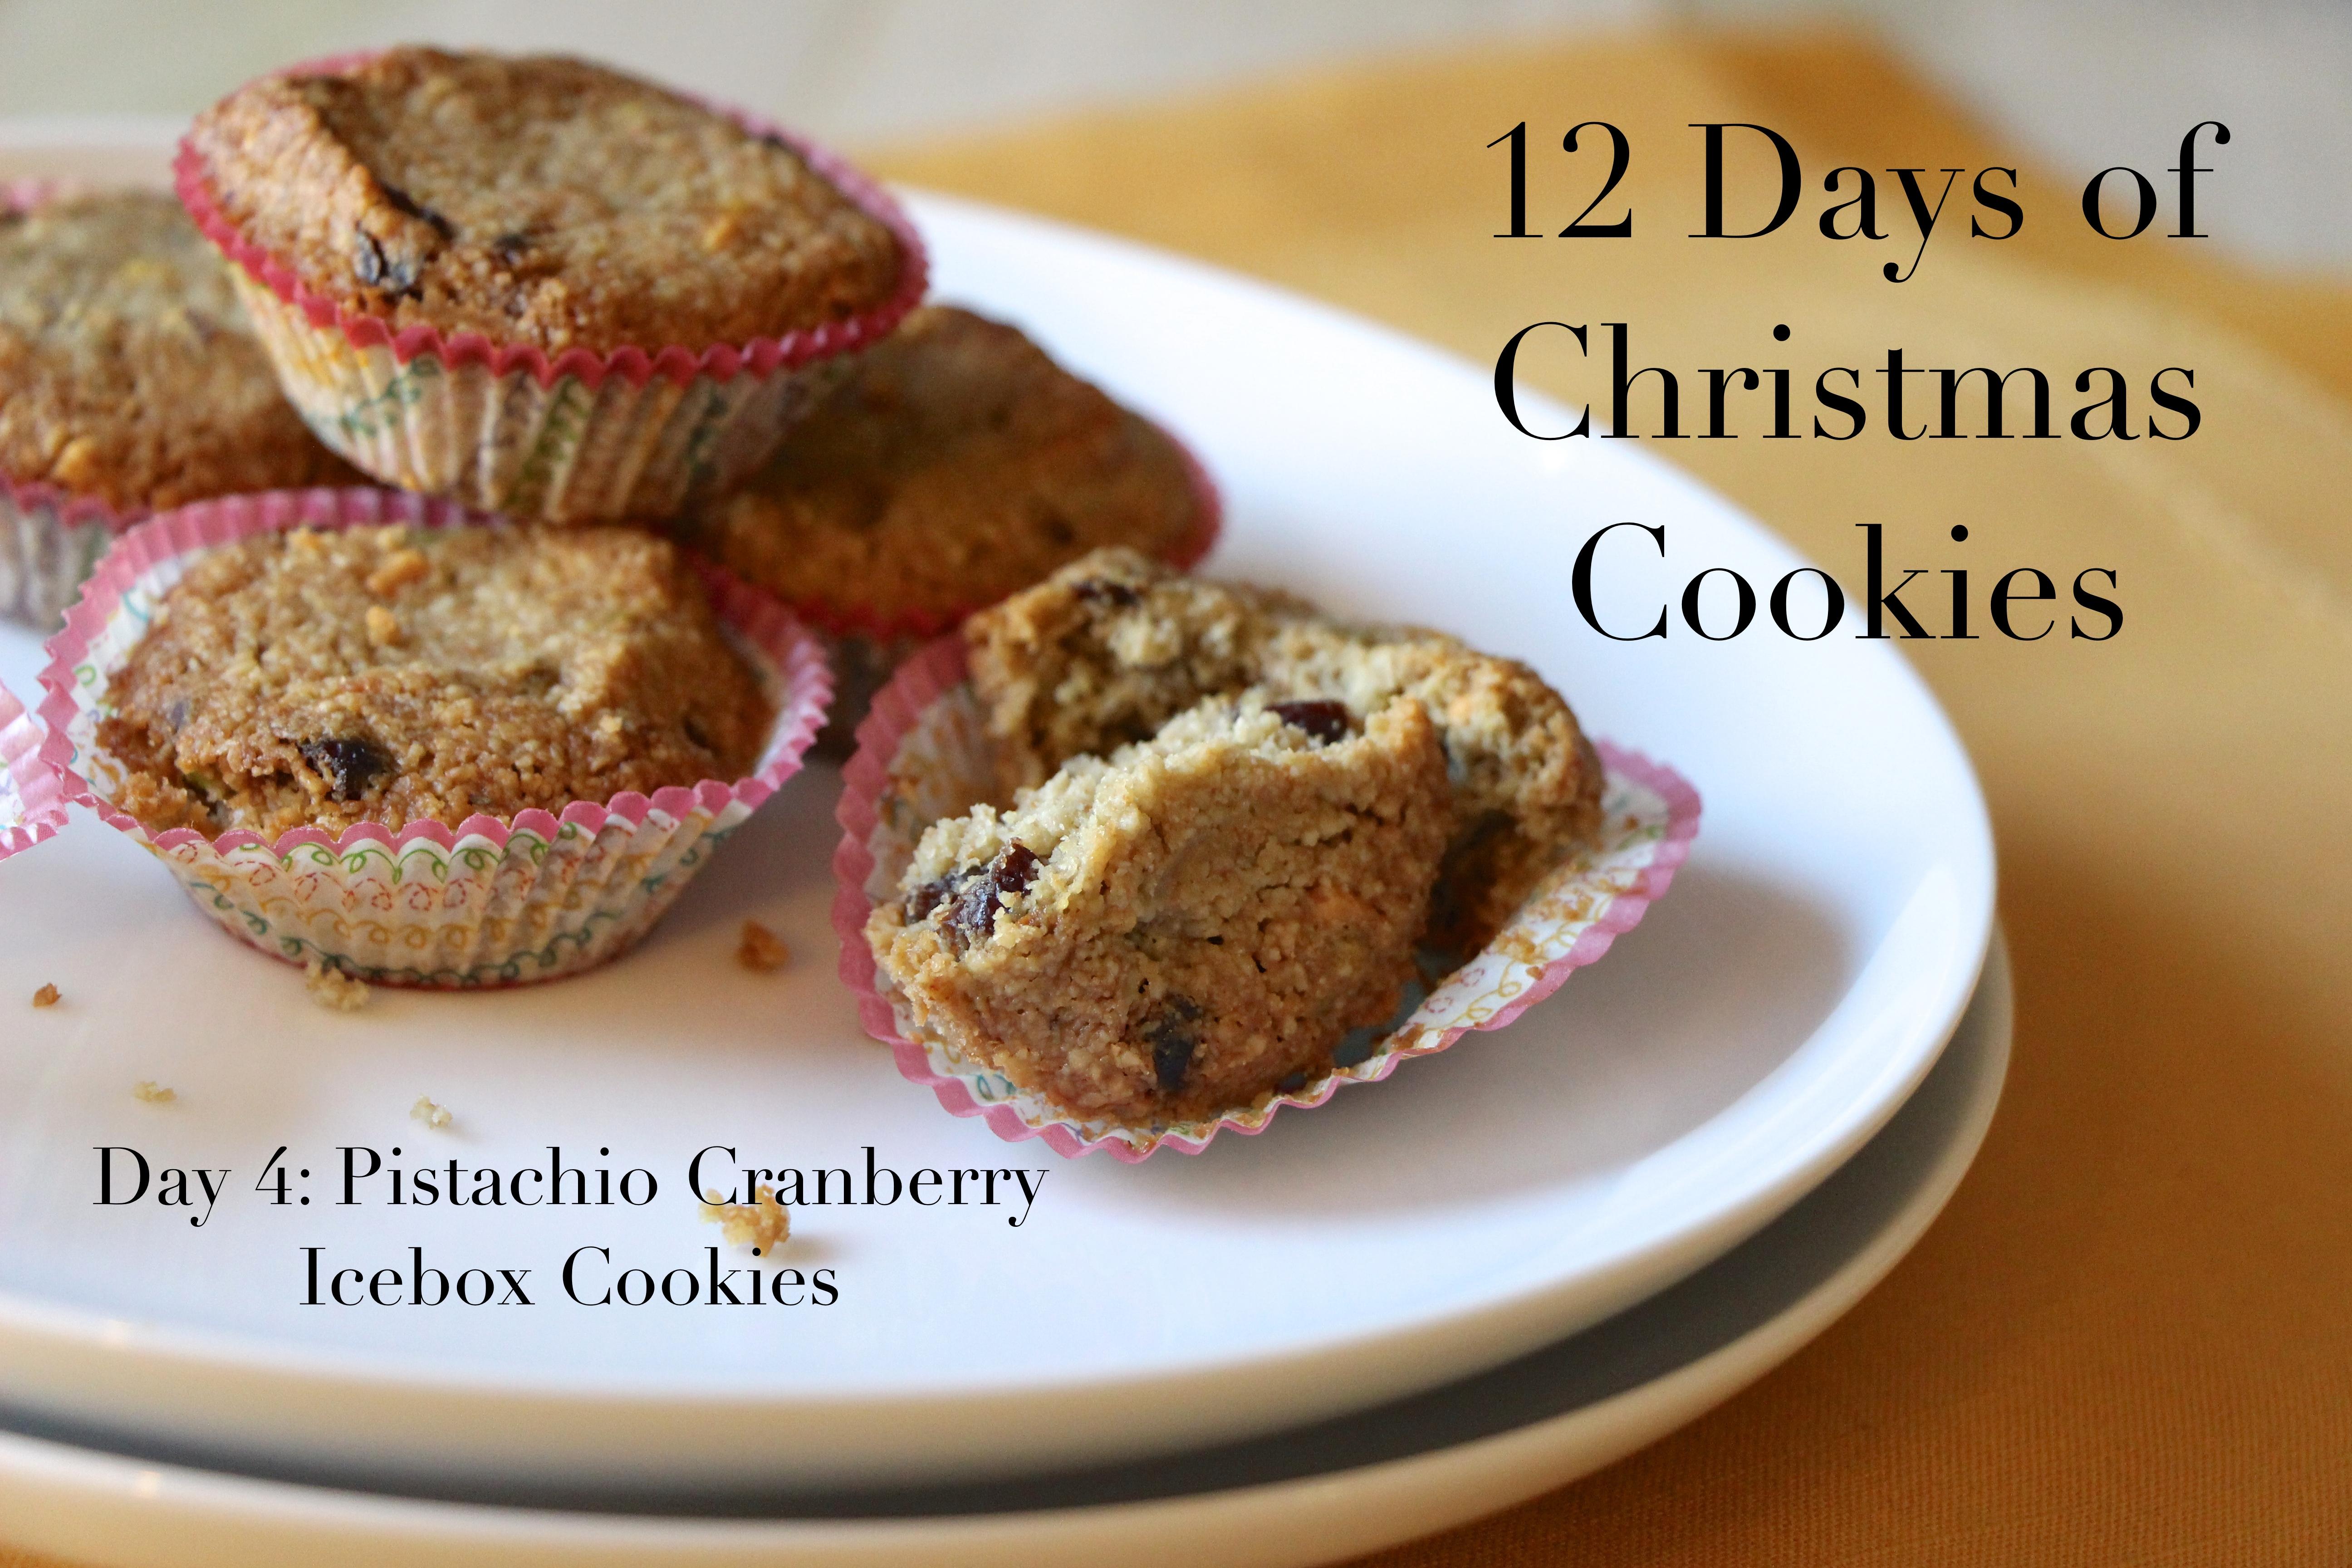 Day 4 Pistachio Cranberry Icebox Cookies